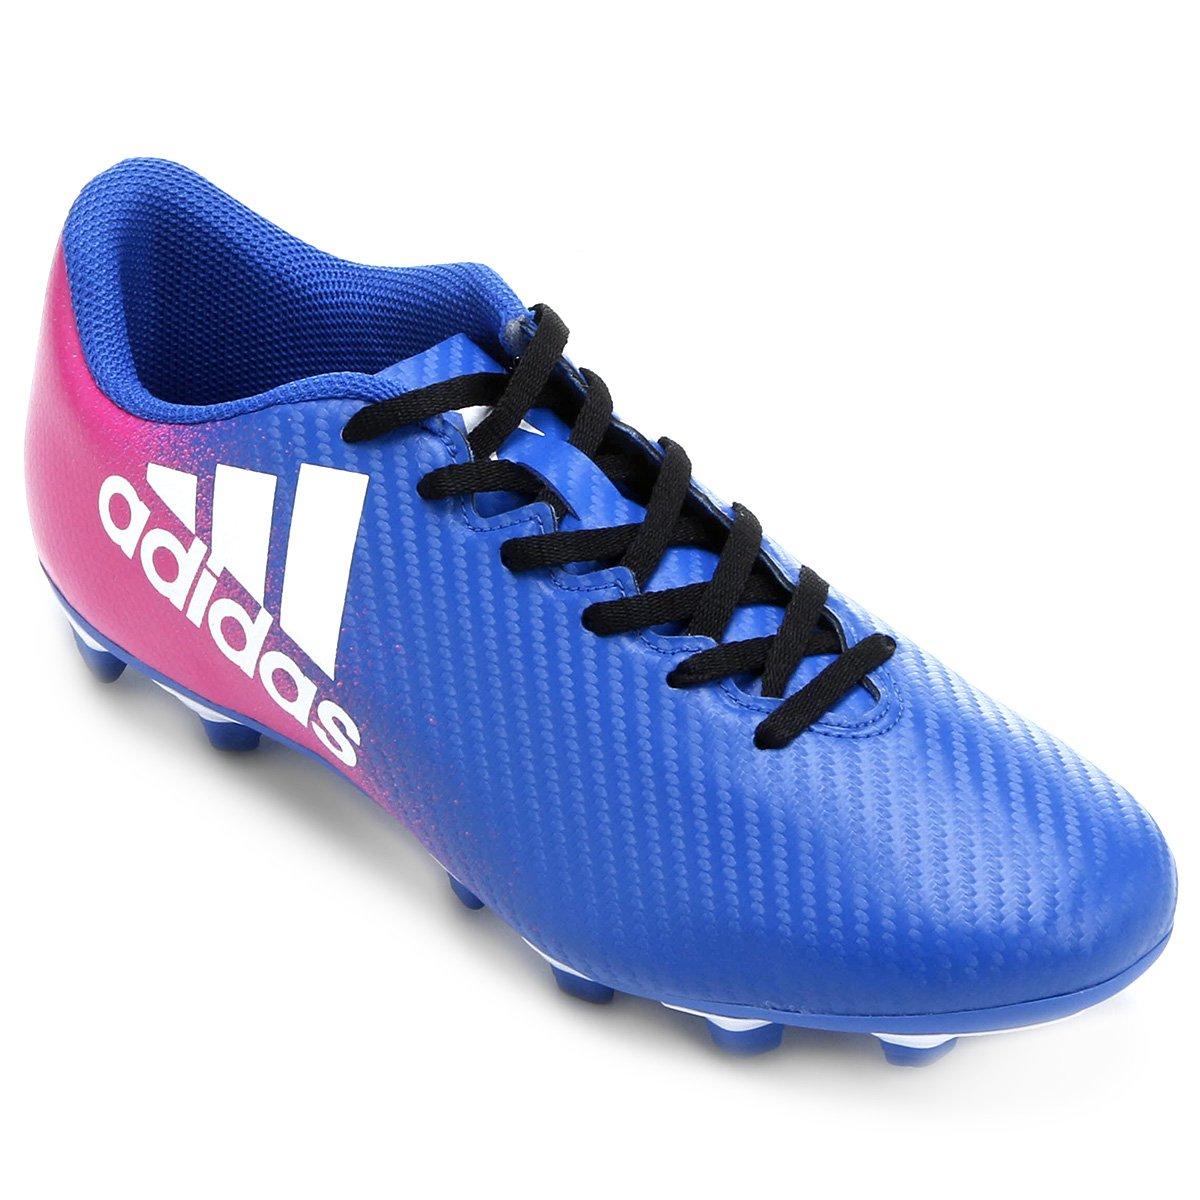 49ede9e77c ... chuteira campo adidas x 16 4 fxg masculina azul e pink